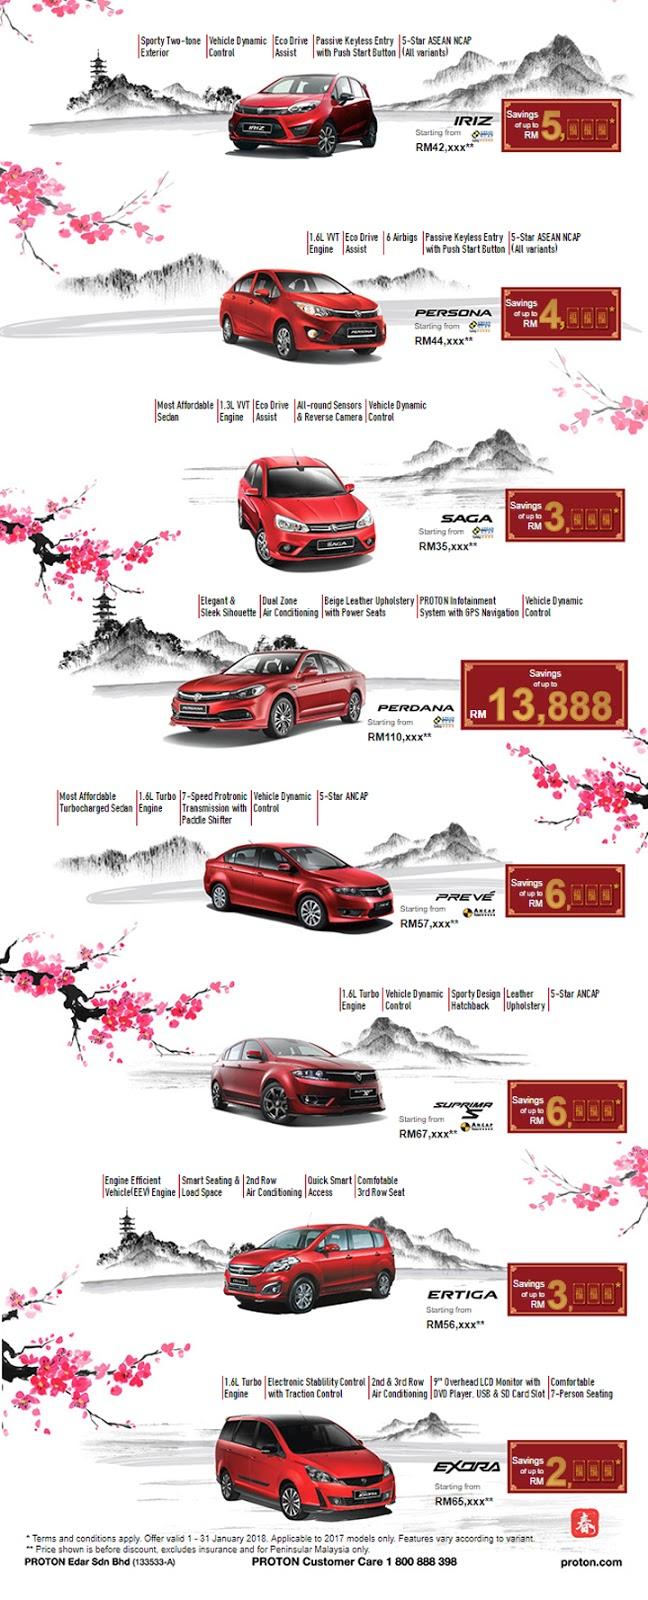 Tawaran Menarik Promosi CNY 2018 oleh Proton